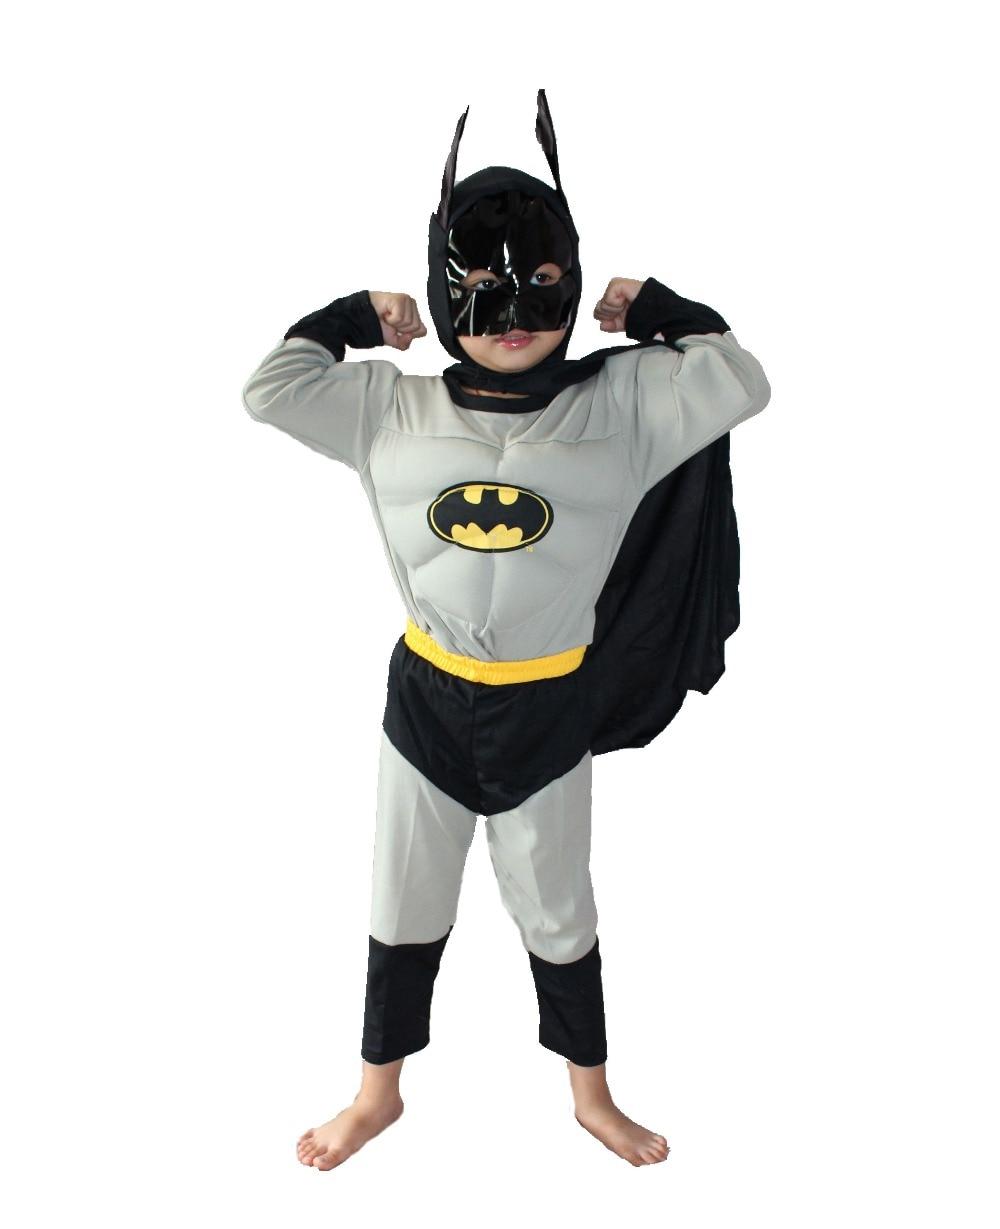 Šedá 3-7 let Party děti Komik Marvel Batman svalový Halloween kostým, chlapec role hrát oblečení Dlouhý rukáv tričko